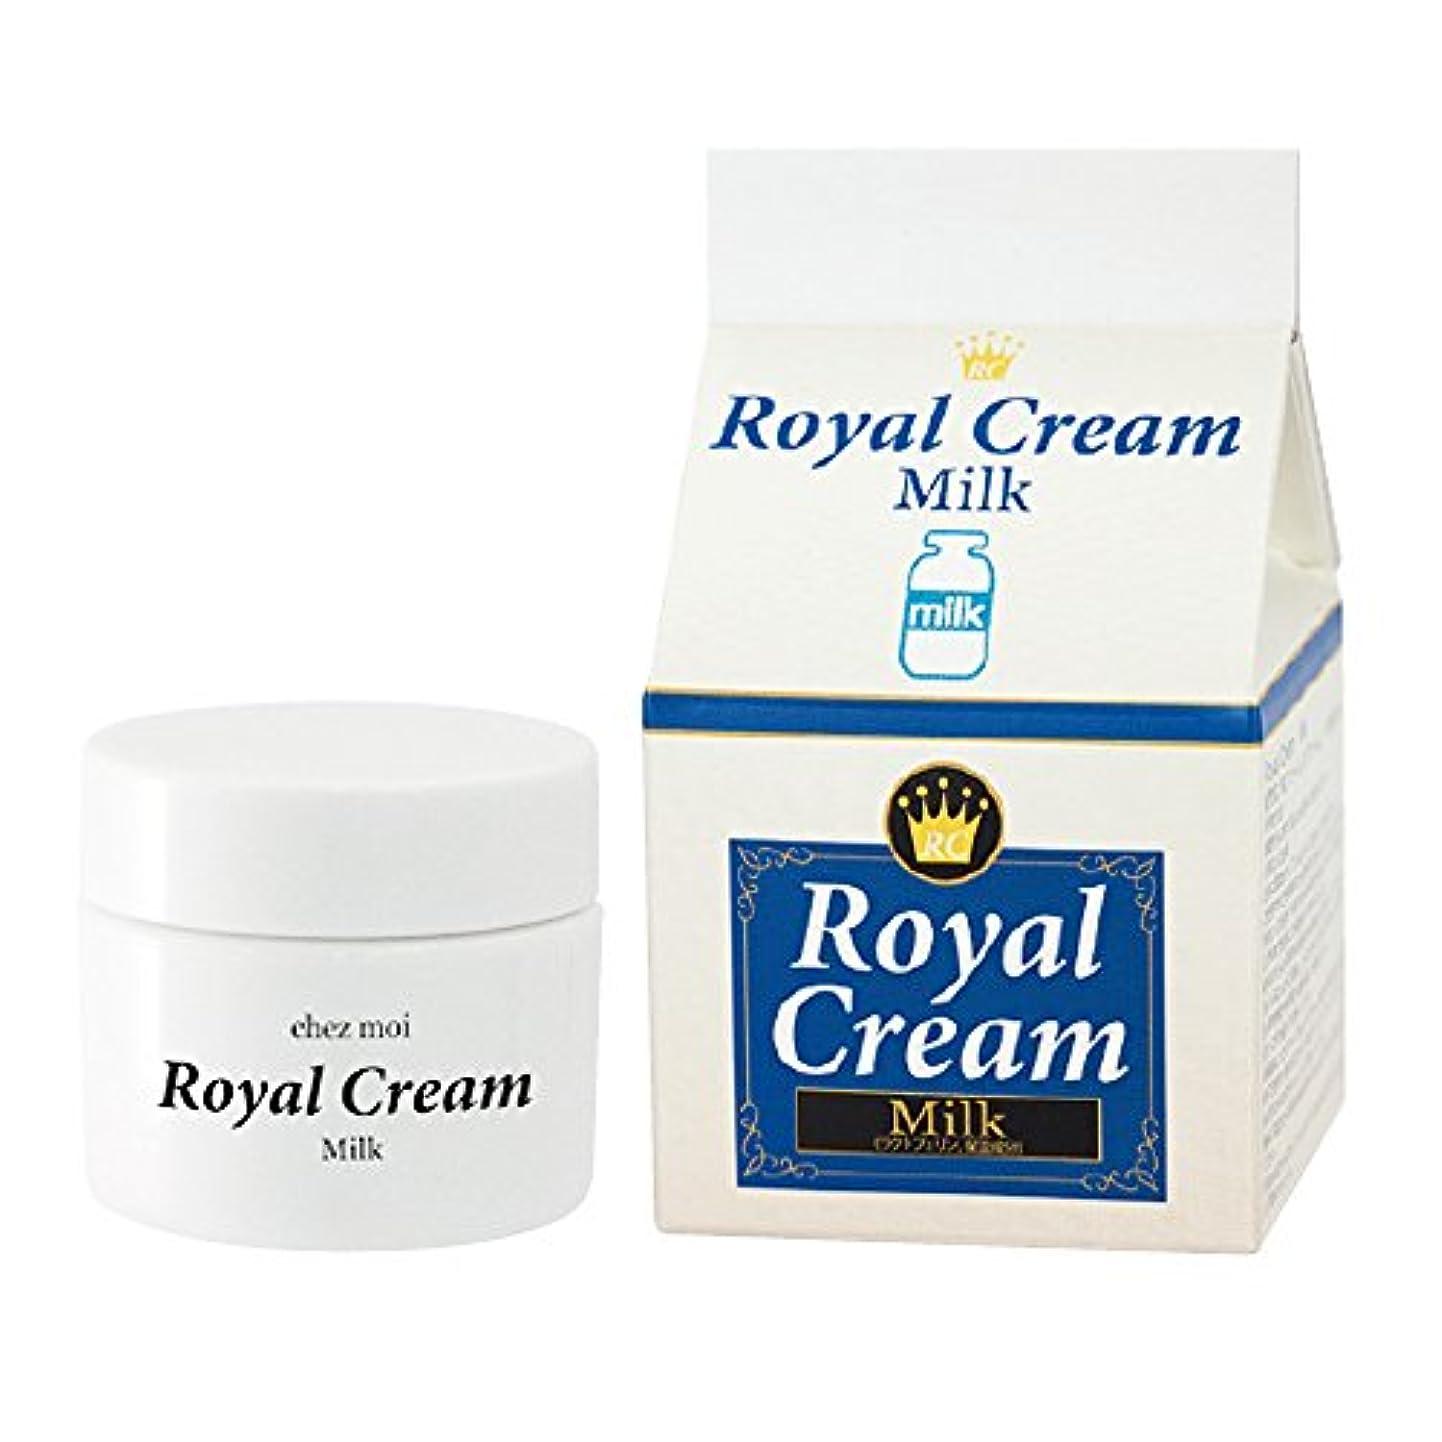 食い違い富豪政治Royal Cream(ロイヤルクリーム) Milk(ミルク) 30g